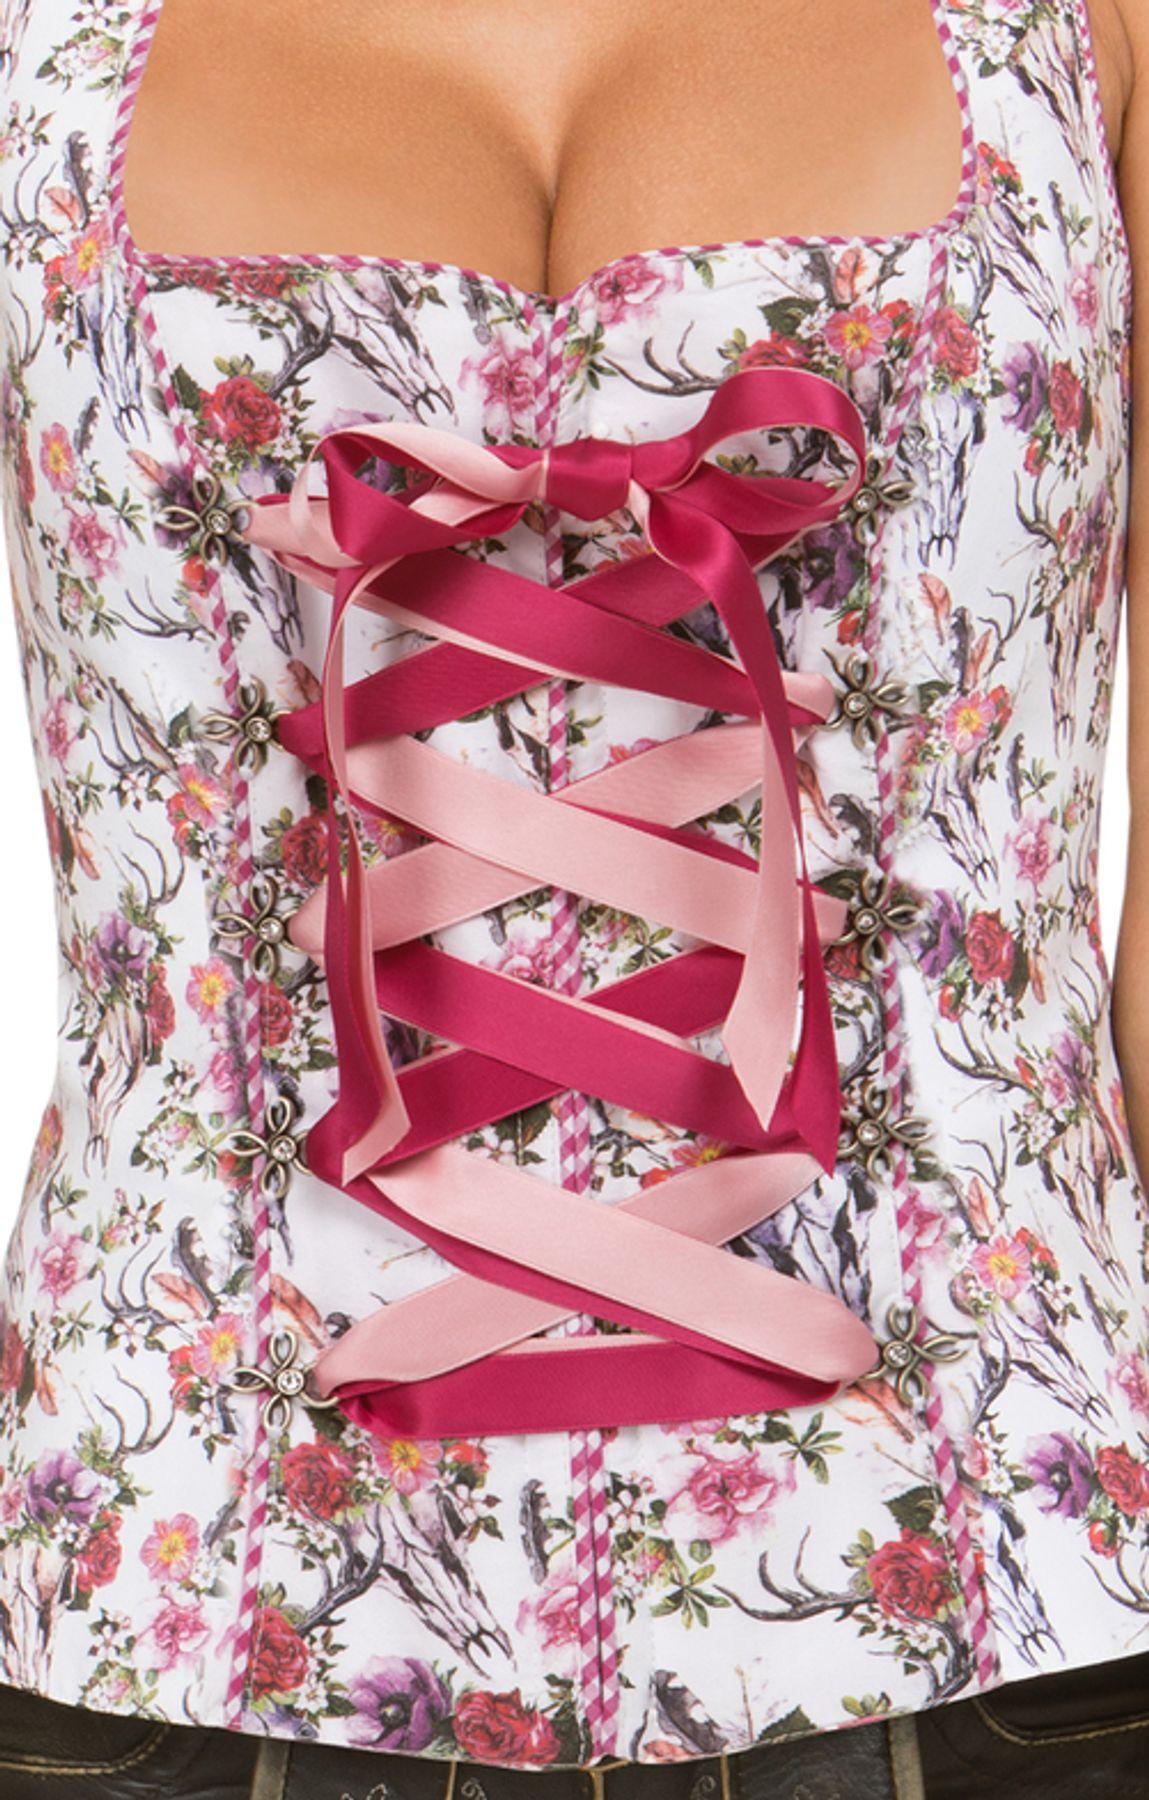 Stockerpoint - Damen Trachtenmieder flower, Missy – Bild 4